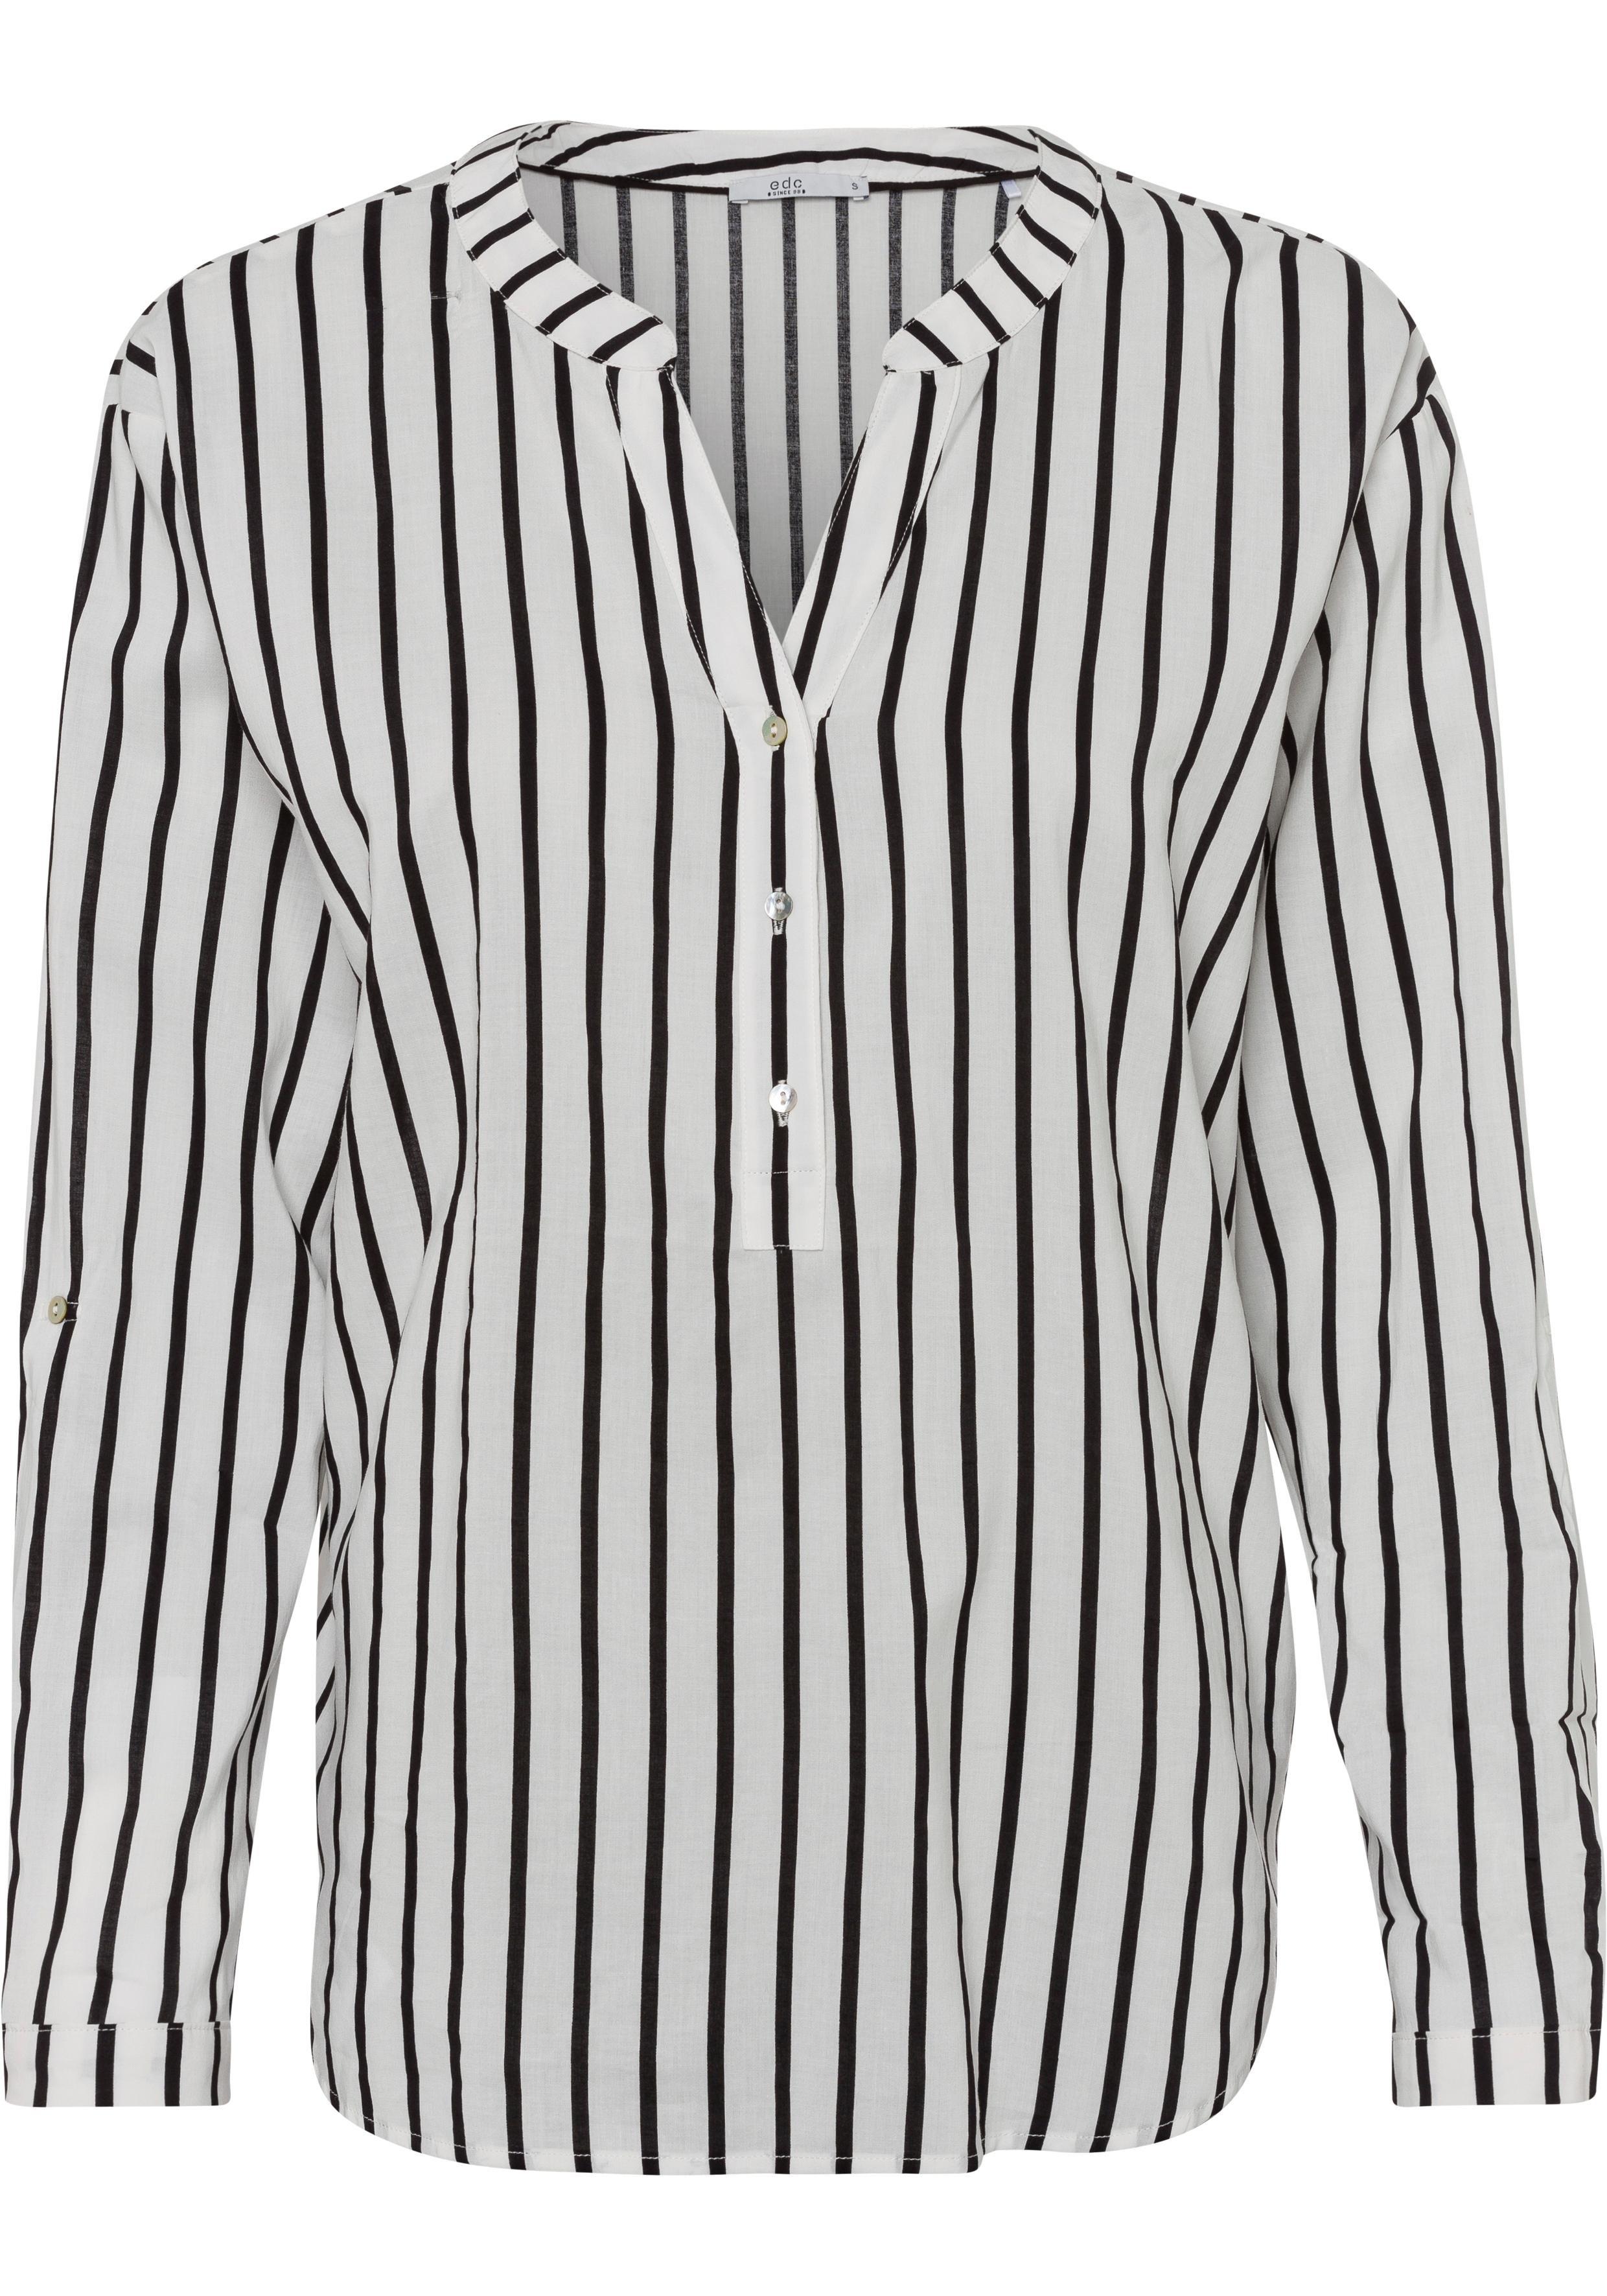 edc by esprit blouse zonder sluiting bestellen: 14 dagen bedenktijd